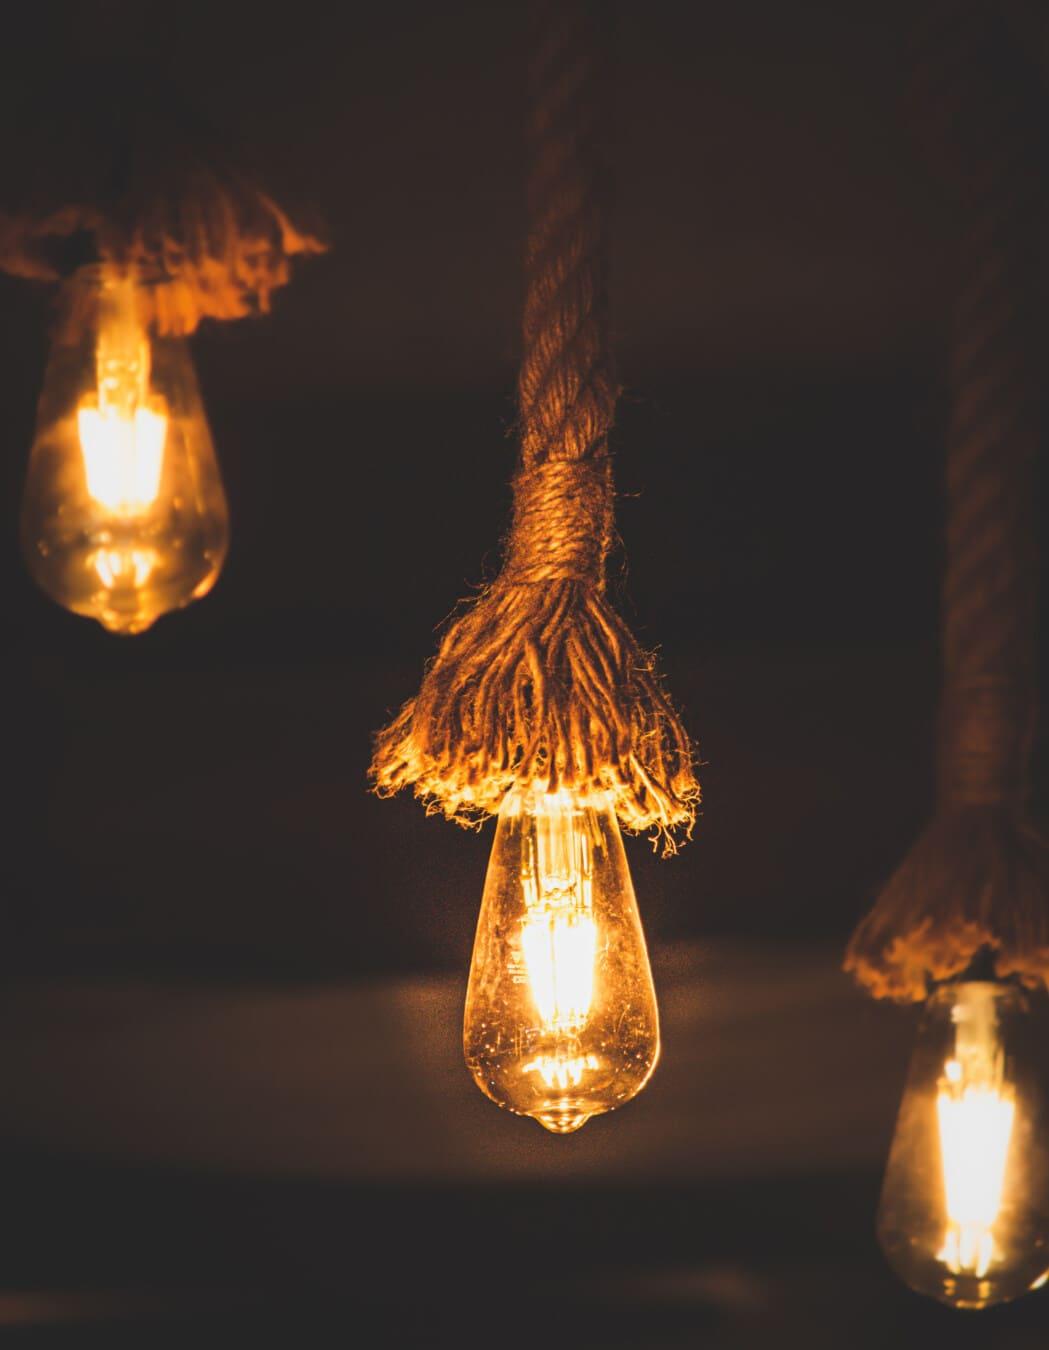 uređenje interijera, starinsko, električna žarulja, vješanje, ručni rad, uže, hlad, električna energija, osvijetljeno, svijetlo